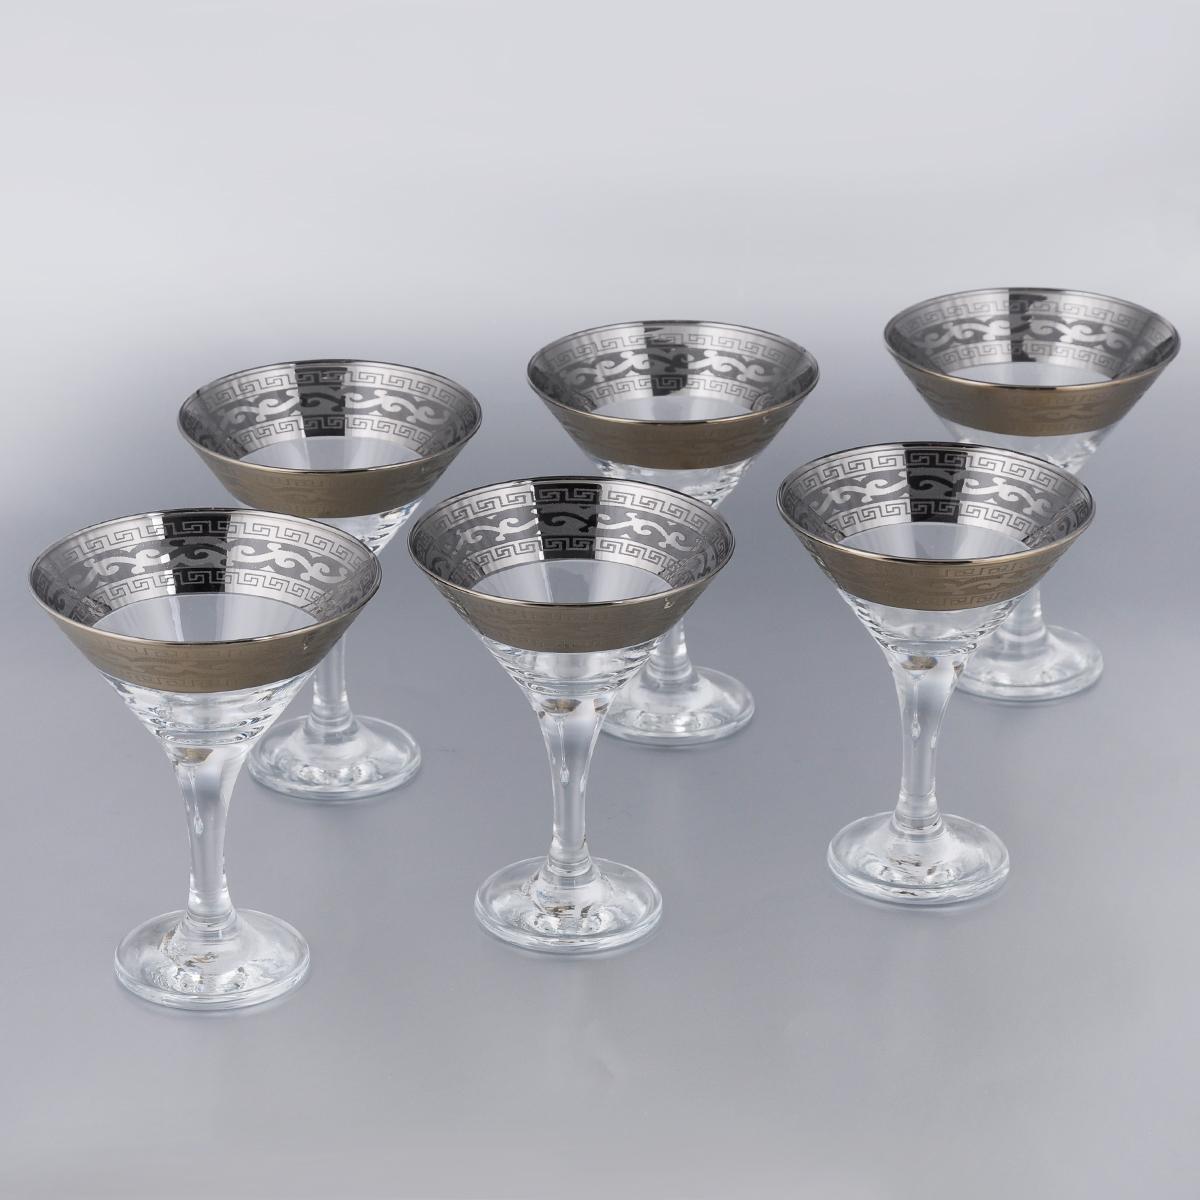 Набор бокалов для мартини Гусь-Хрустальный Версаче, 170 мл, 6 штGE08-410Набор Гусь-Хрустальный Версаче состоит из 6 бокалов на длинных ножках, изготовленных из высококачественного натрий-кальций-силикатного стекла. Изделия оформлены оригинальной окантовкой и предназначены для подачи мартини. Такой набор прекрасно дополнит праздничный стол и станет желанным подарком в любом доме. Разрешается мыть в посудомоечной машине. Диаметр бокала (по верхнему краю): 10,5 см. Высота бокала: 13,5 см. Диаметр основания бокала: 6,3 см.